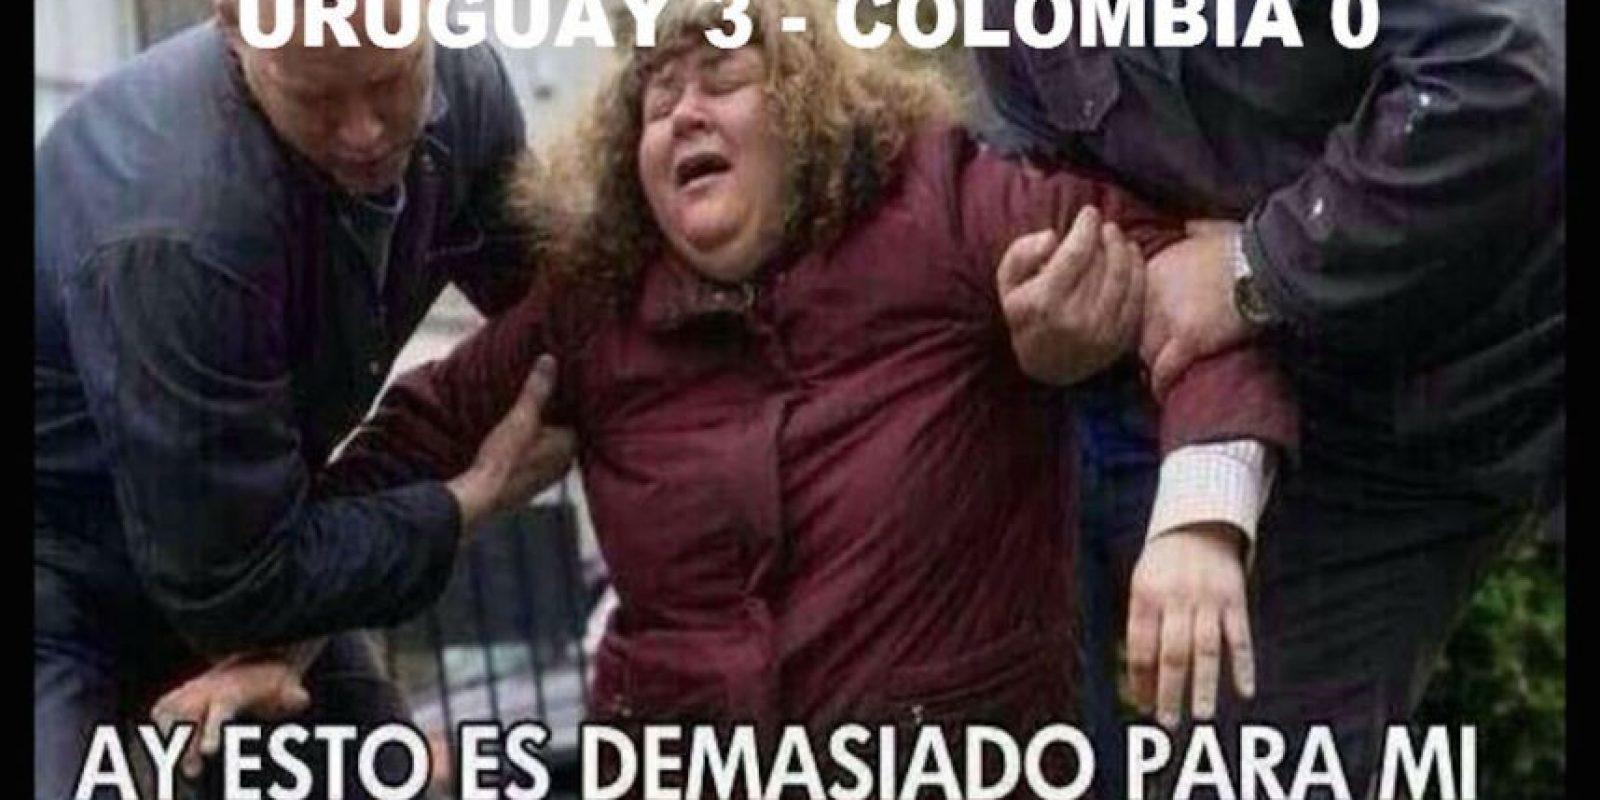 Pero en Uruguay, a Colombia le tocó sufrir. Foto:Vía twitter.com